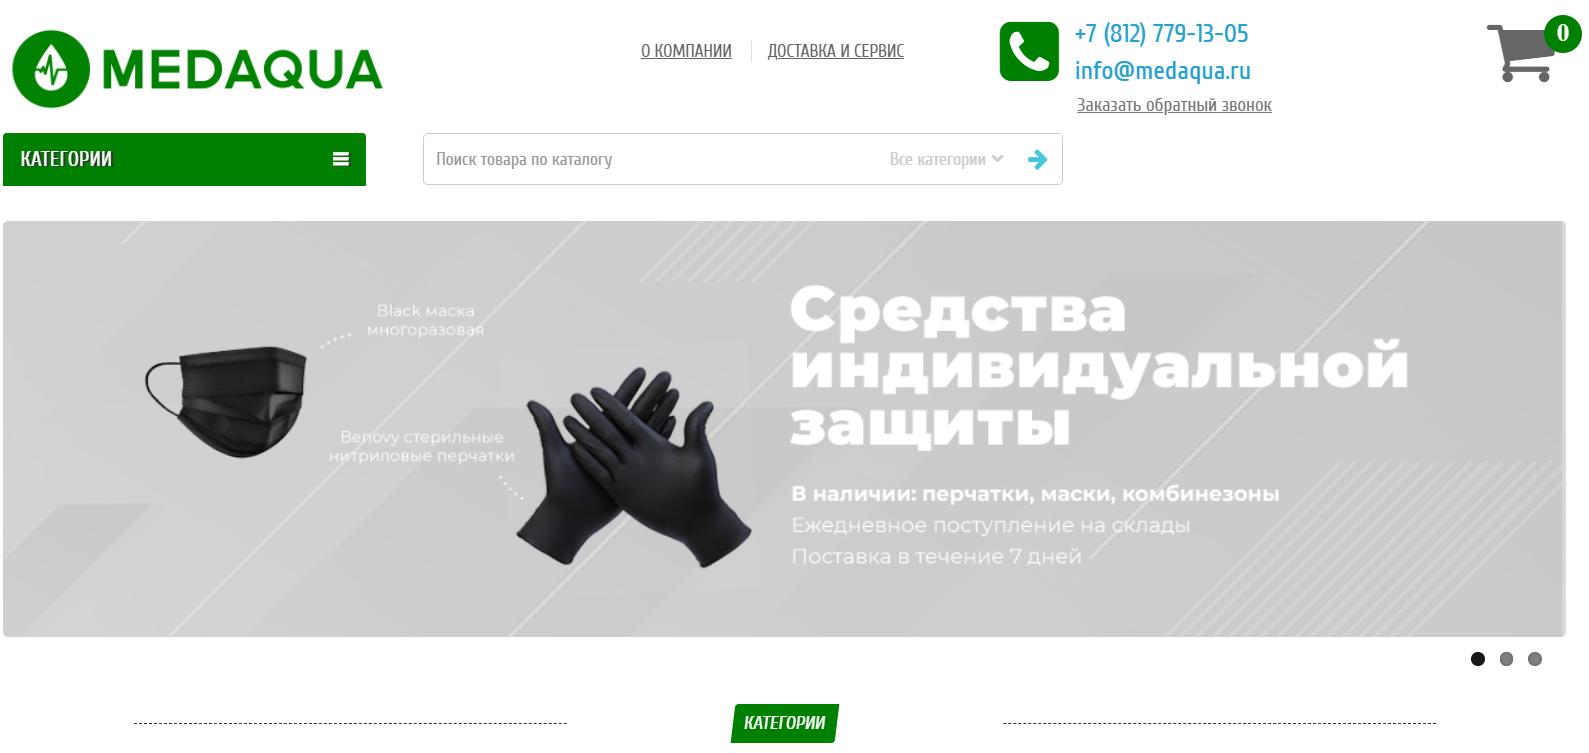 Сайт мошенников.